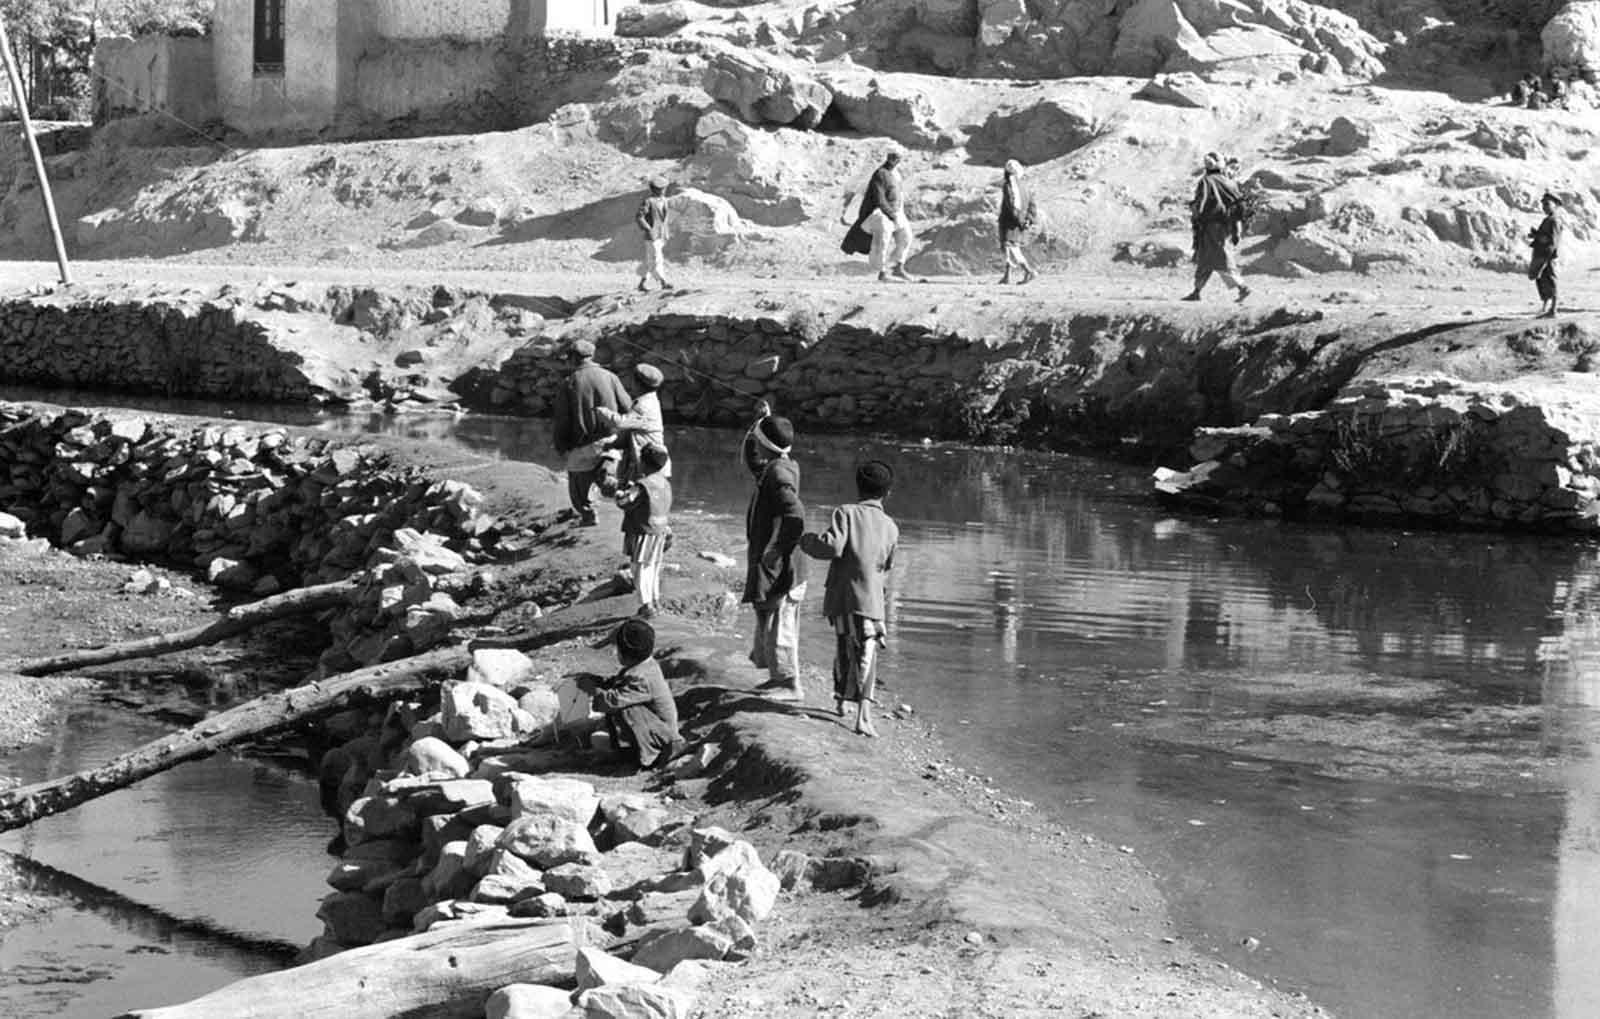 Los muchachos afganos juegan con cometas mientras los hombres pasan, en noviembre de 1959.